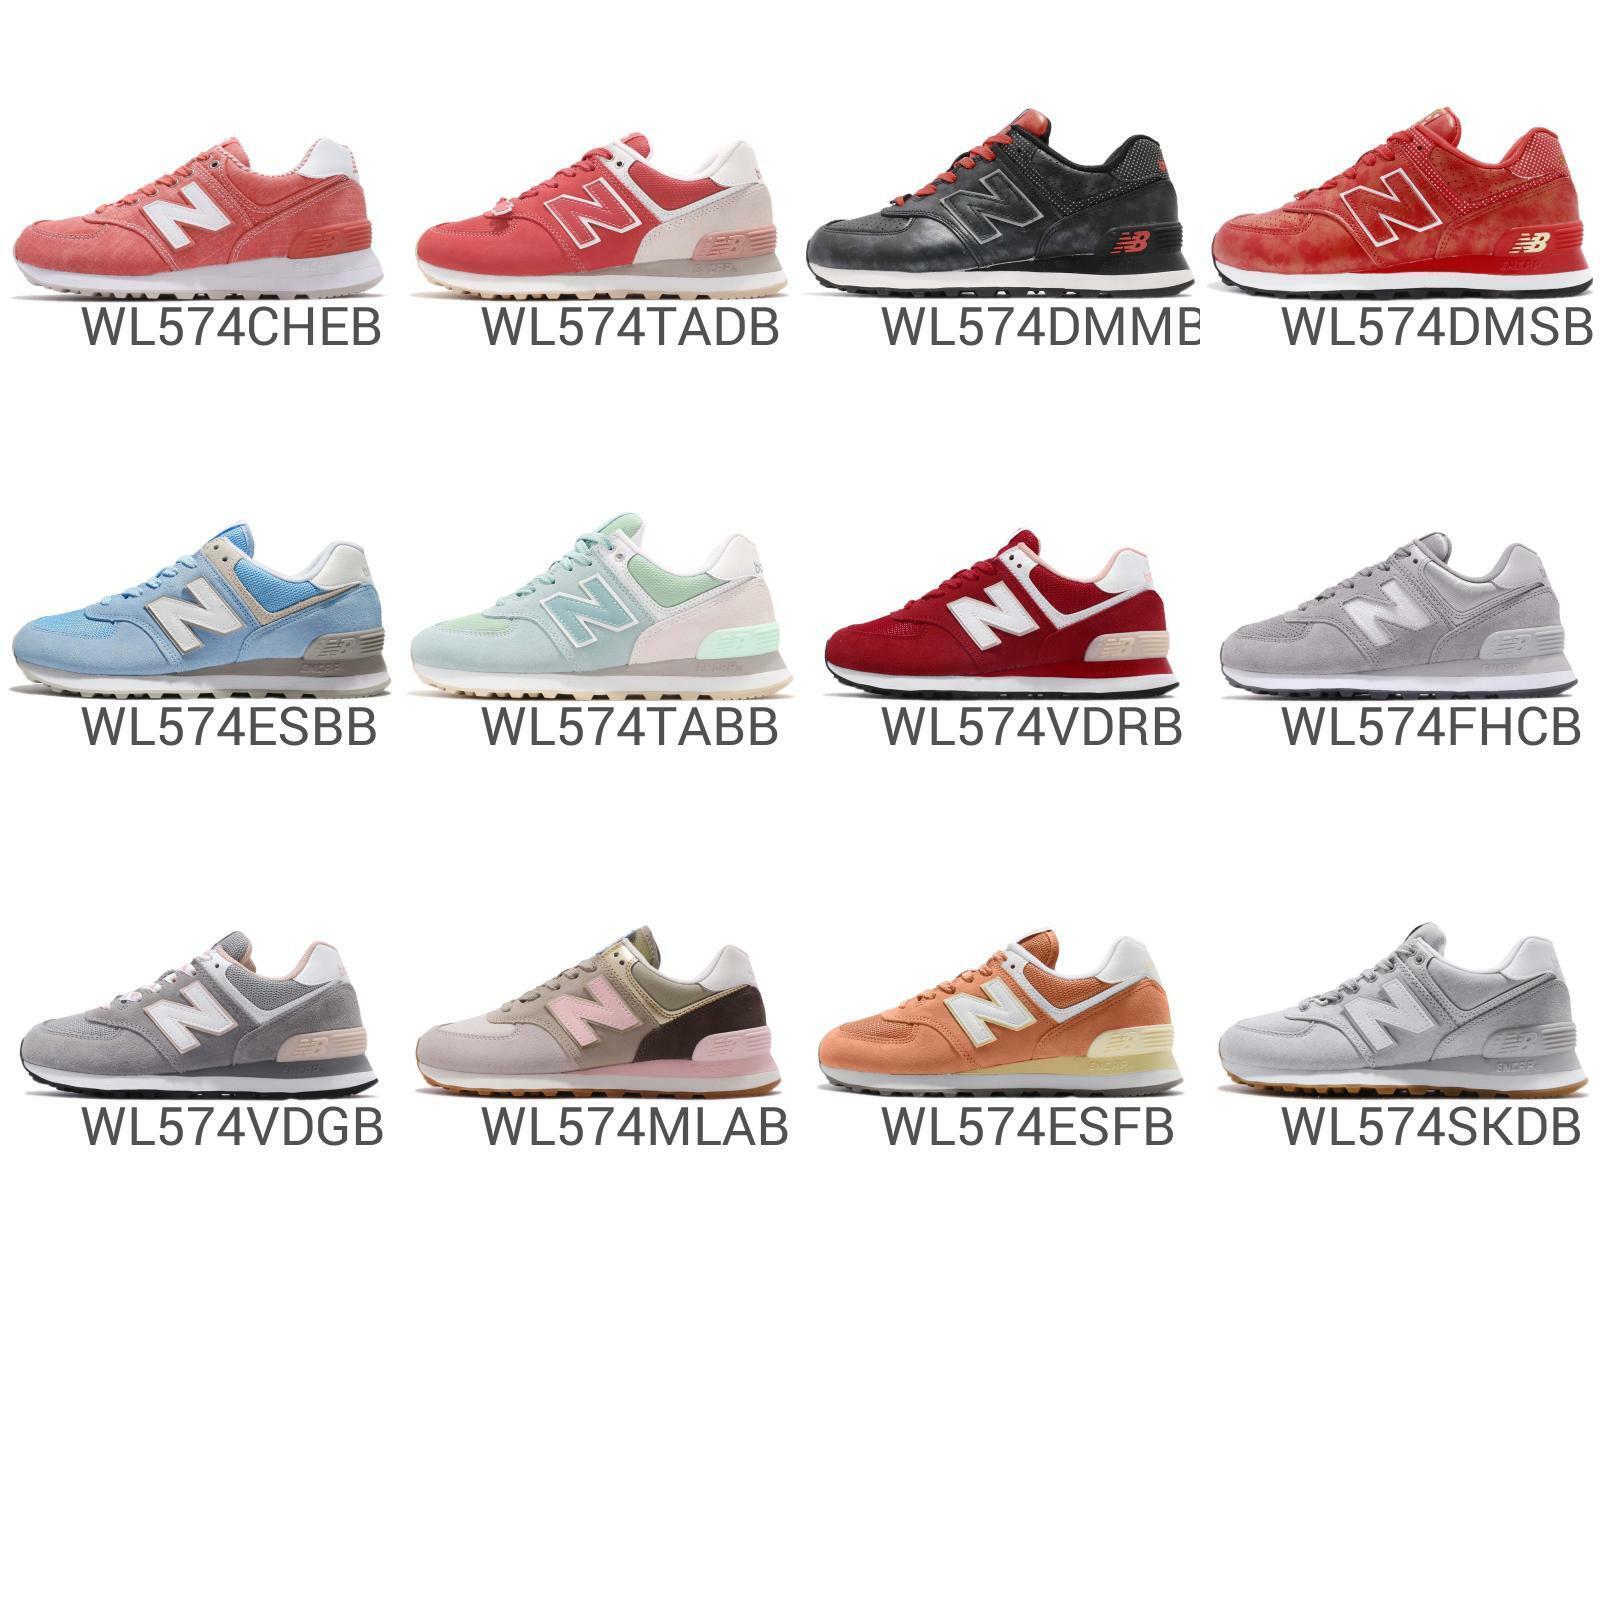 New Equilibrar WL574 B 574 Para Mujer Zapatos Tenis Correr  Elija 1  protección post-venta